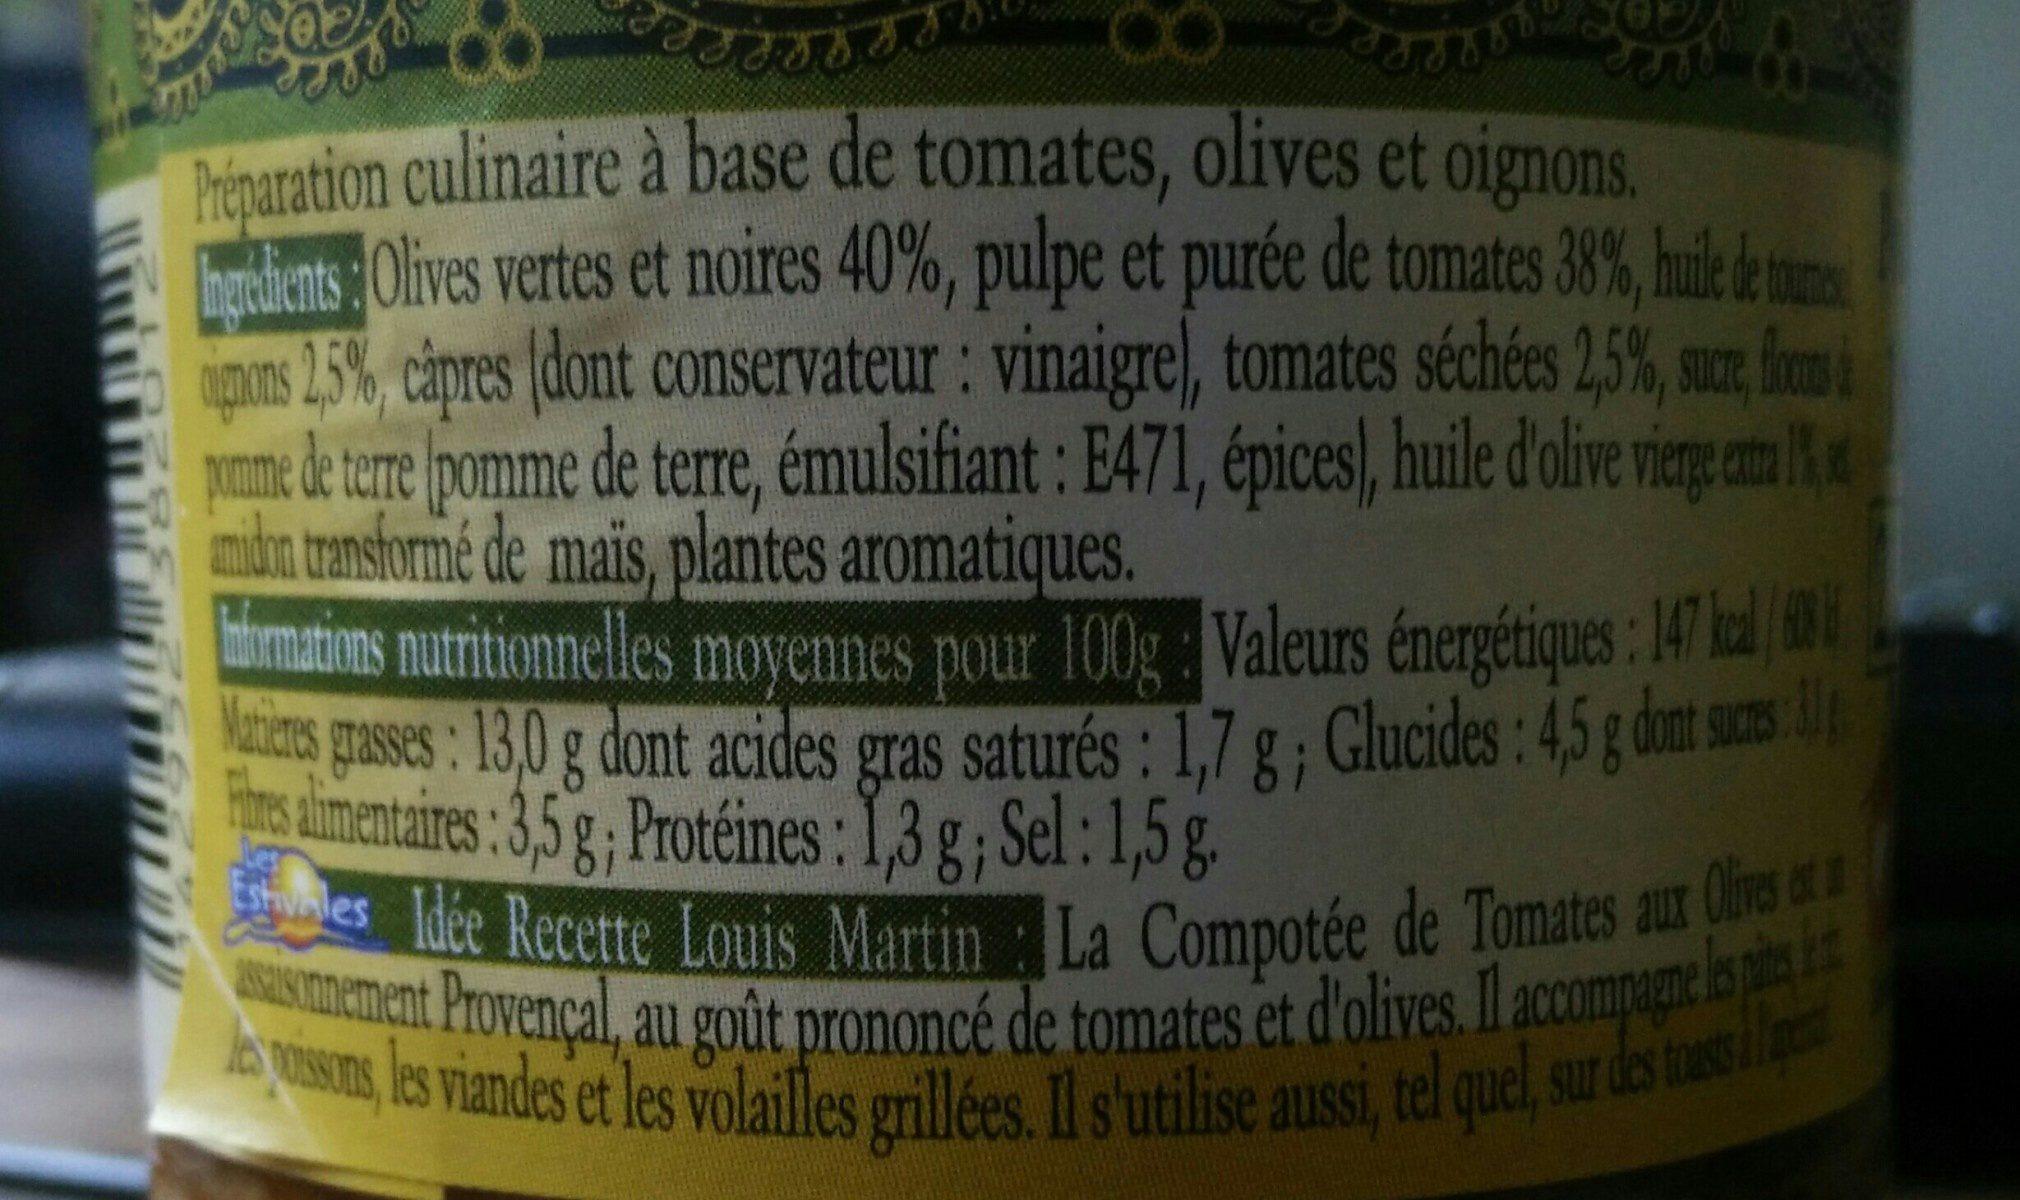 Compotée de tomates aux olives Louis Martin - Ingrédients - fr